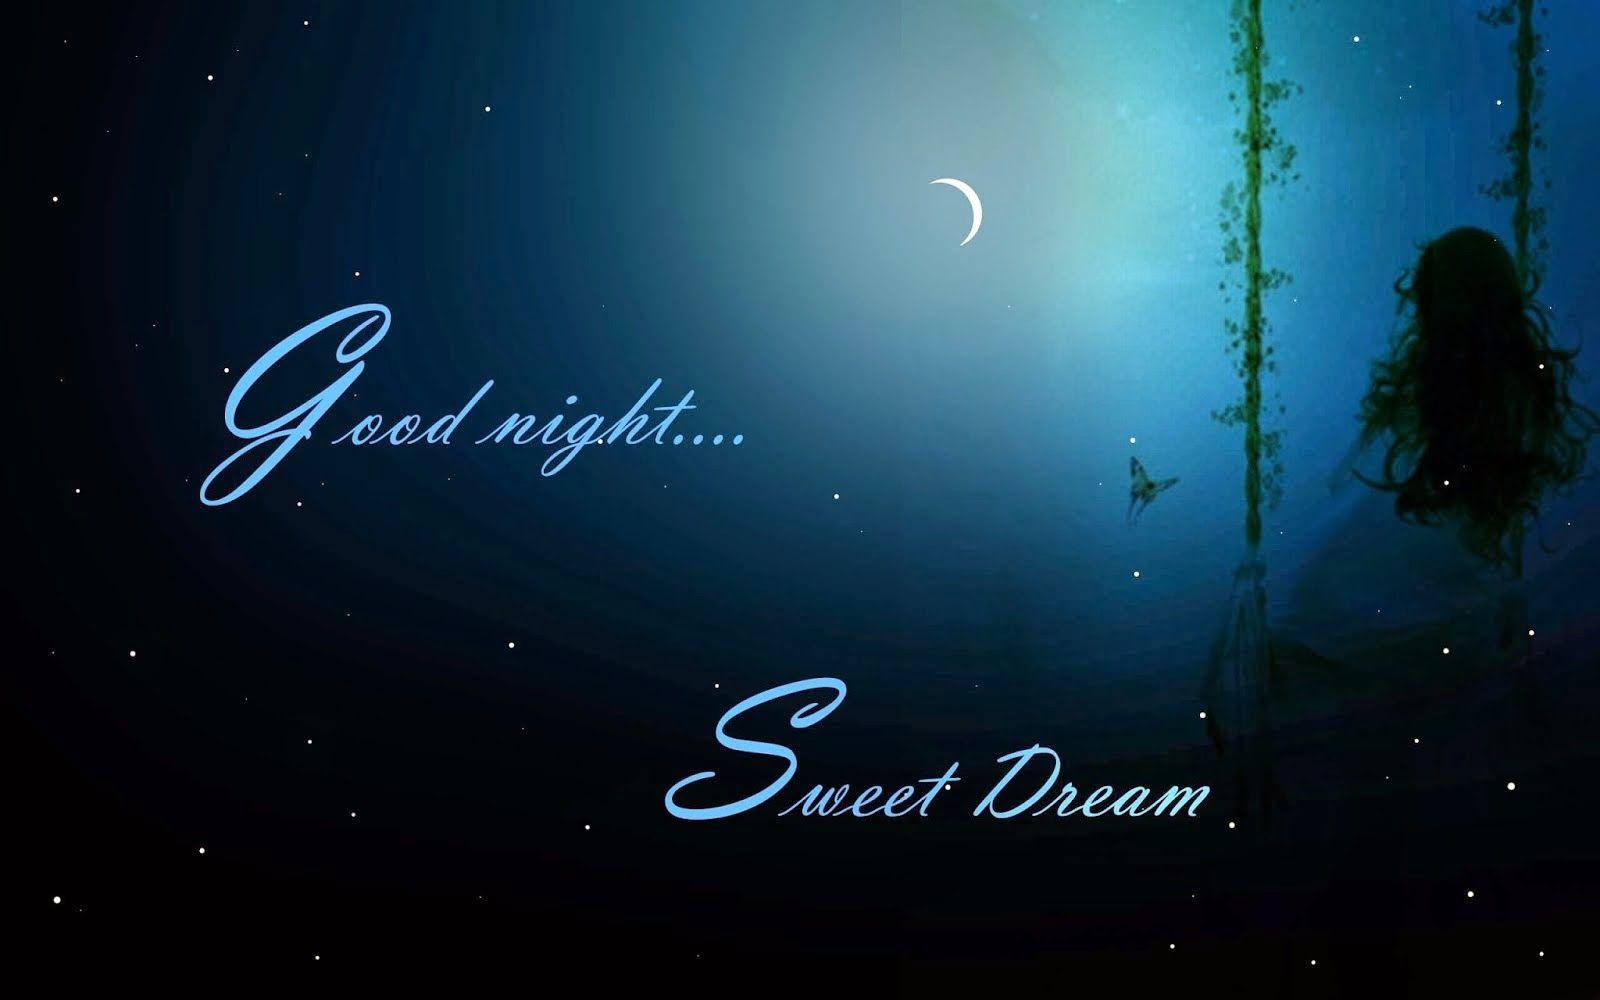 Good Night Friends Iphone Full Hd New Wallpapers Iphone Wallpapers Romantic Good Night Good Night Wallpaper Good Night Quotes